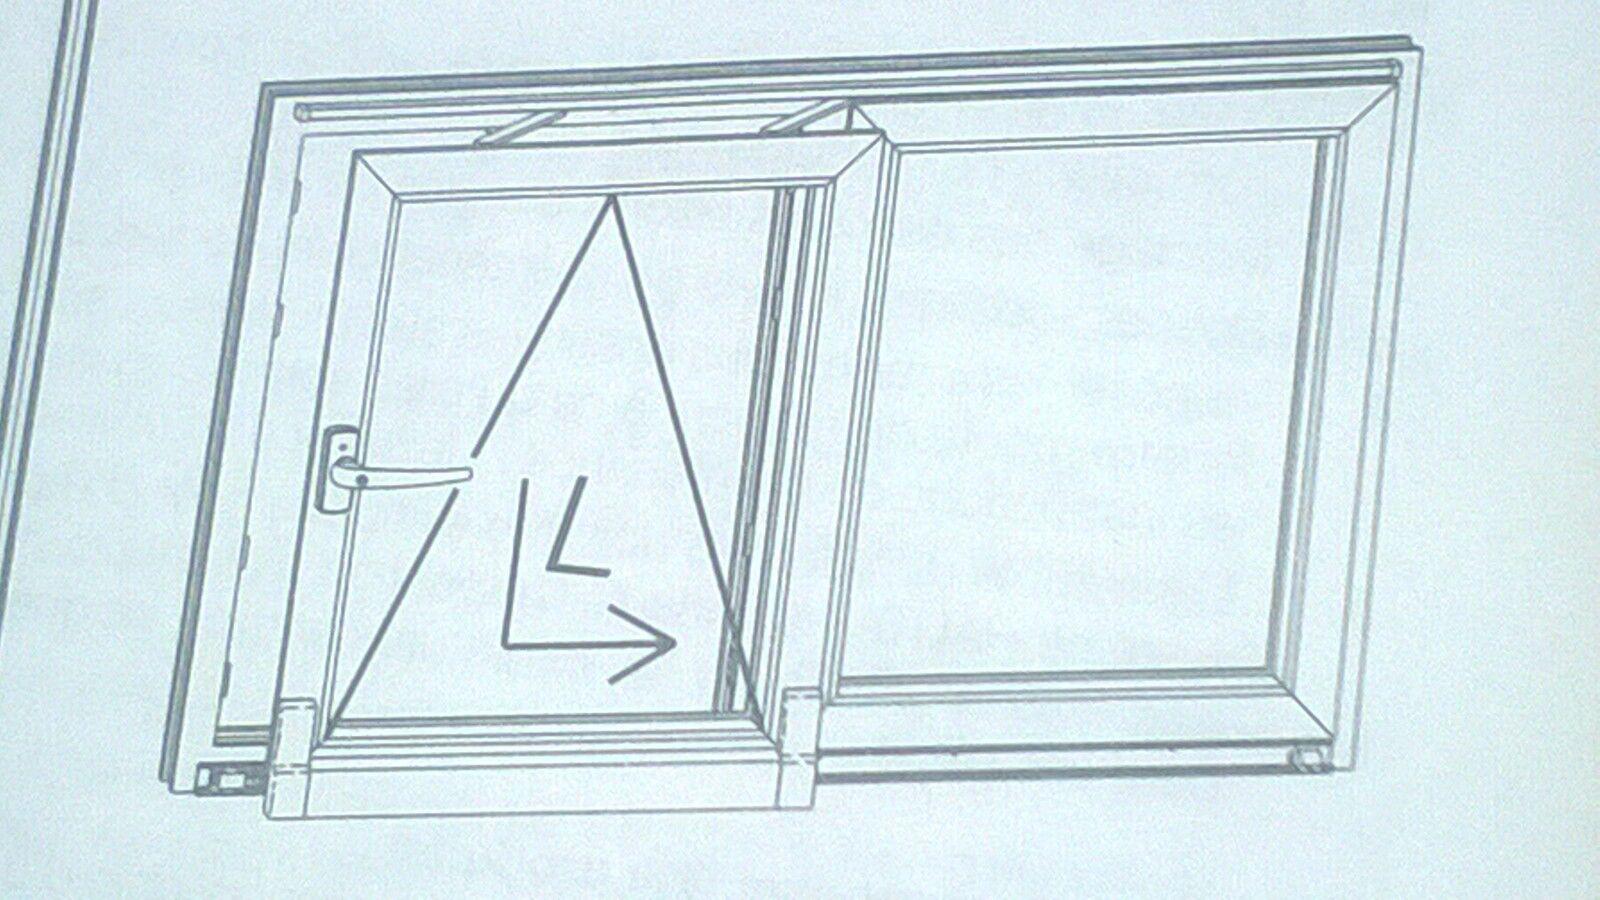 siegenia psk 200 z drehgriff links wei abschlie bar neu eur 125 00 picclick de. Black Bedroom Furniture Sets. Home Design Ideas